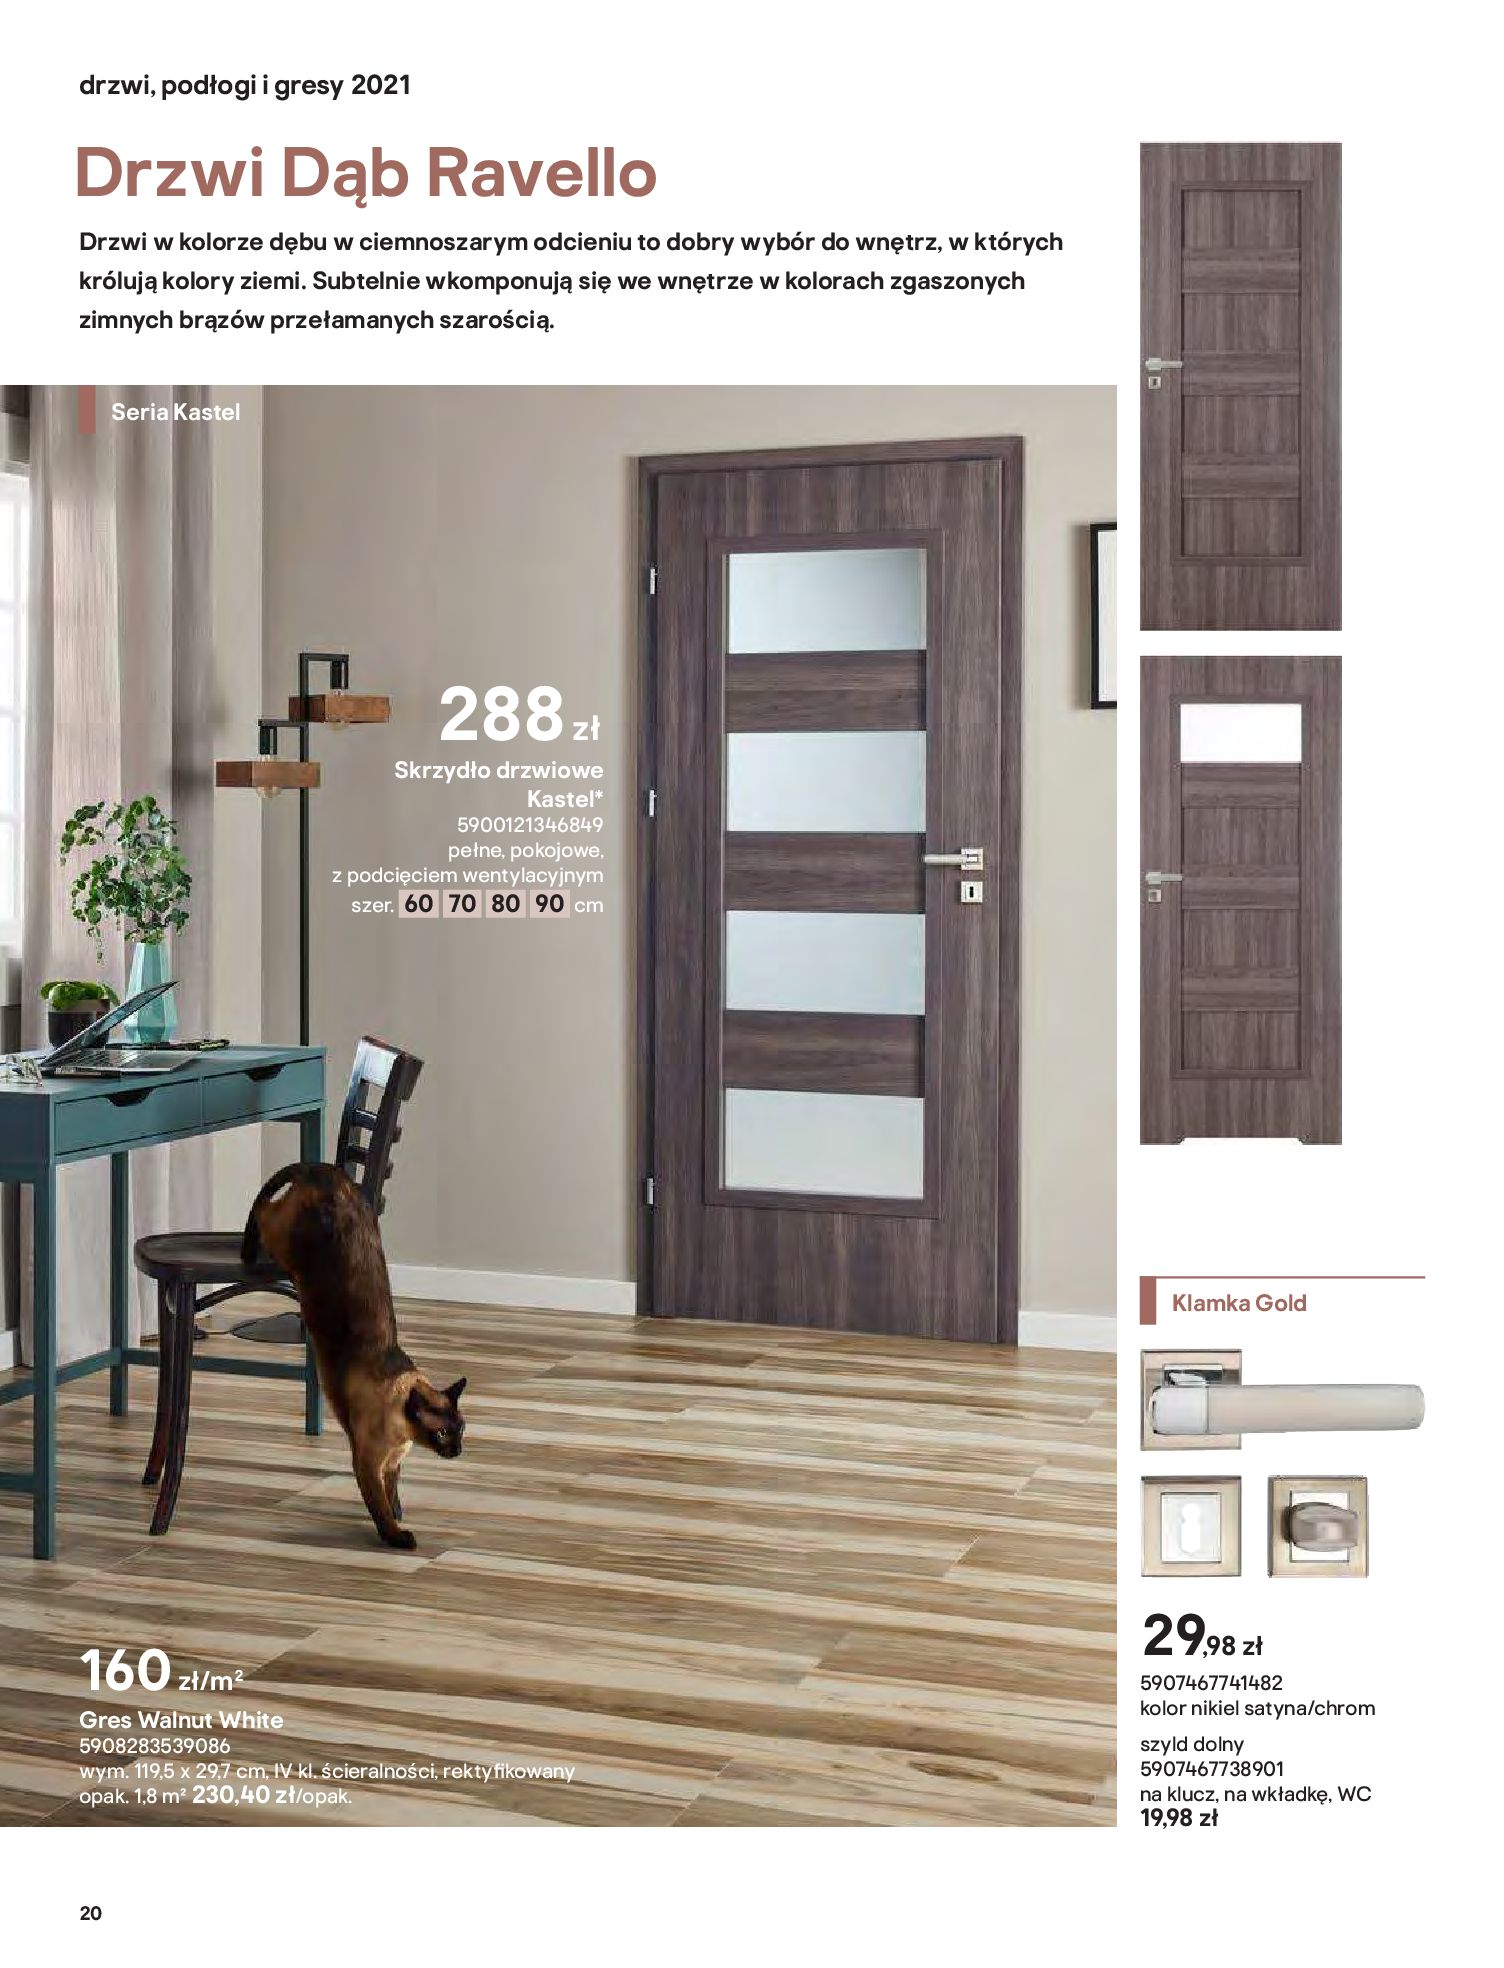 Gazetka Castorama: Gazetka Castorama - Przewodnik drzwi i podłogi 2021 2021-08-11 page-20